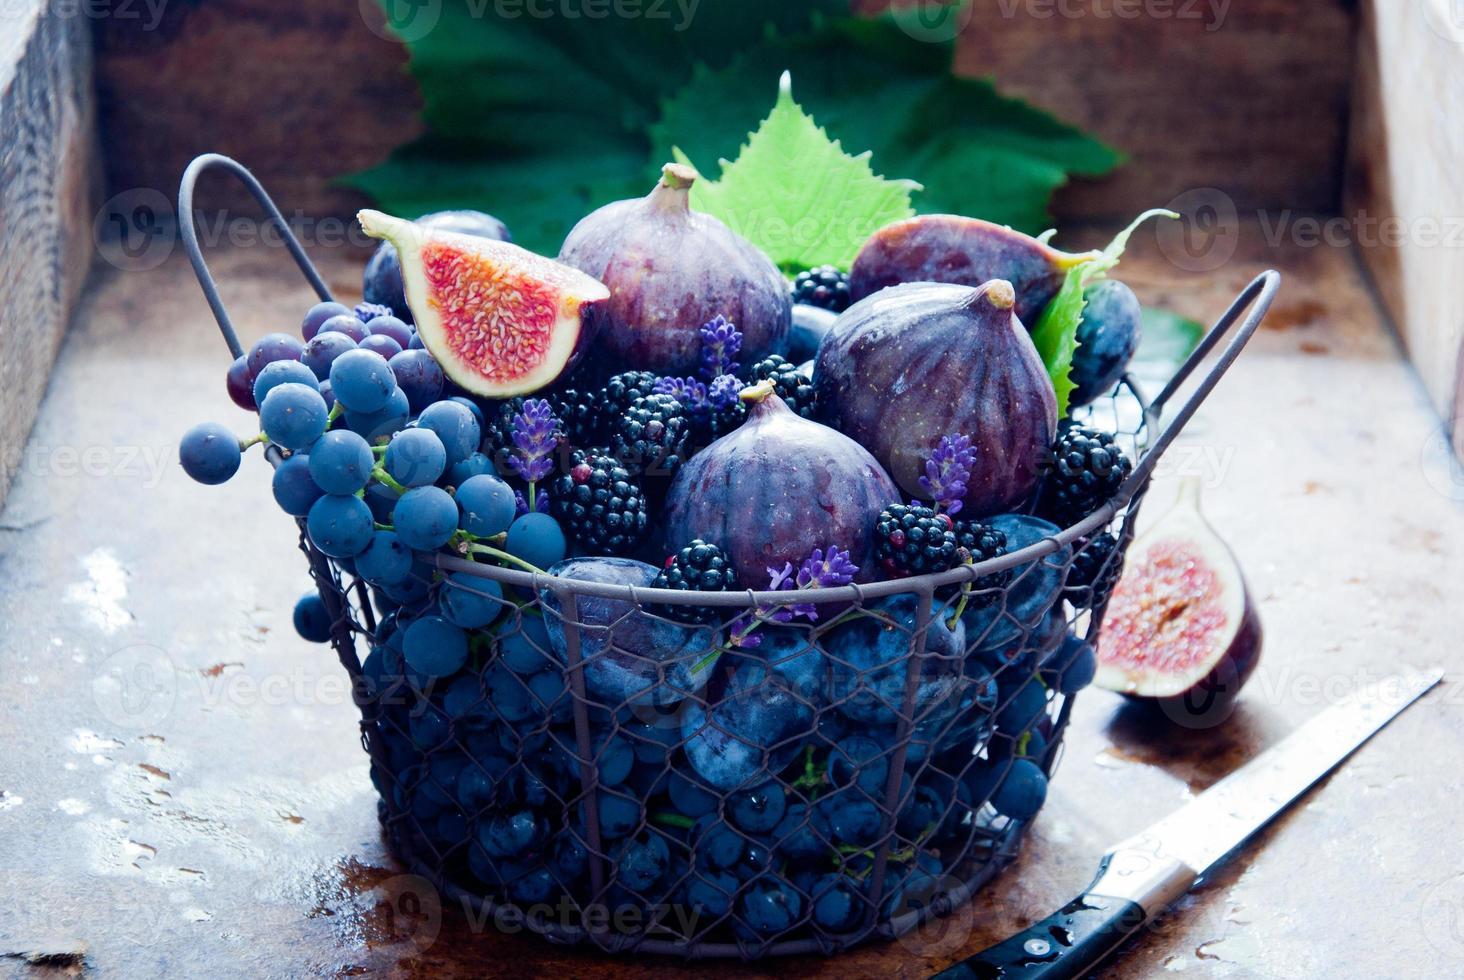 figos frescos, uvas, ameixas secas e amora preta foto